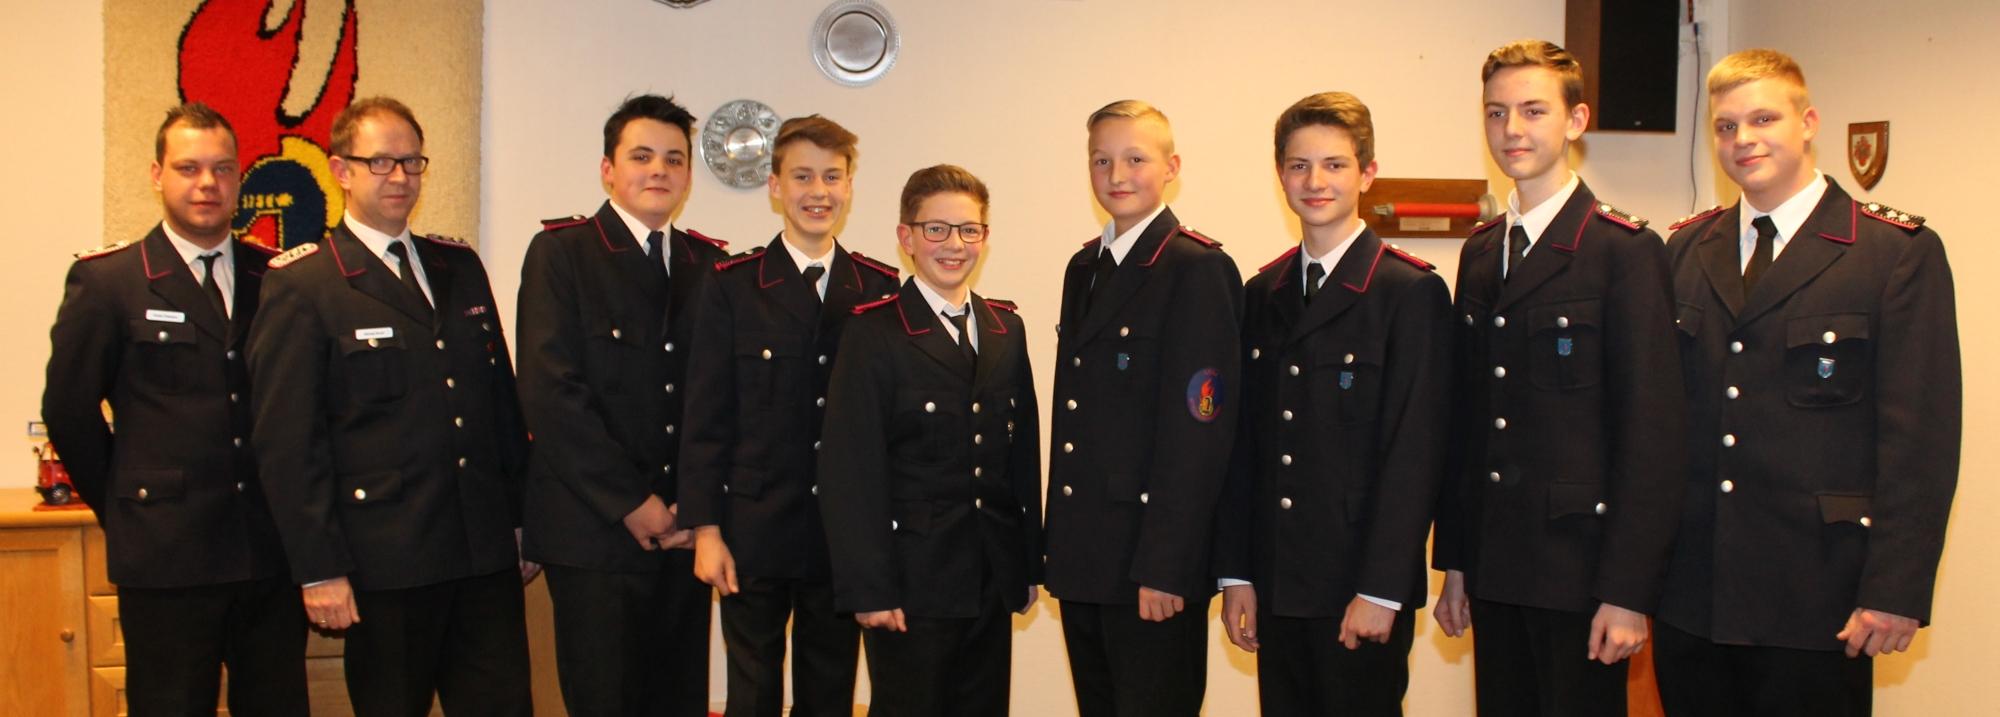 Der neue Vorstand der Jugendfeuerwehr Leck